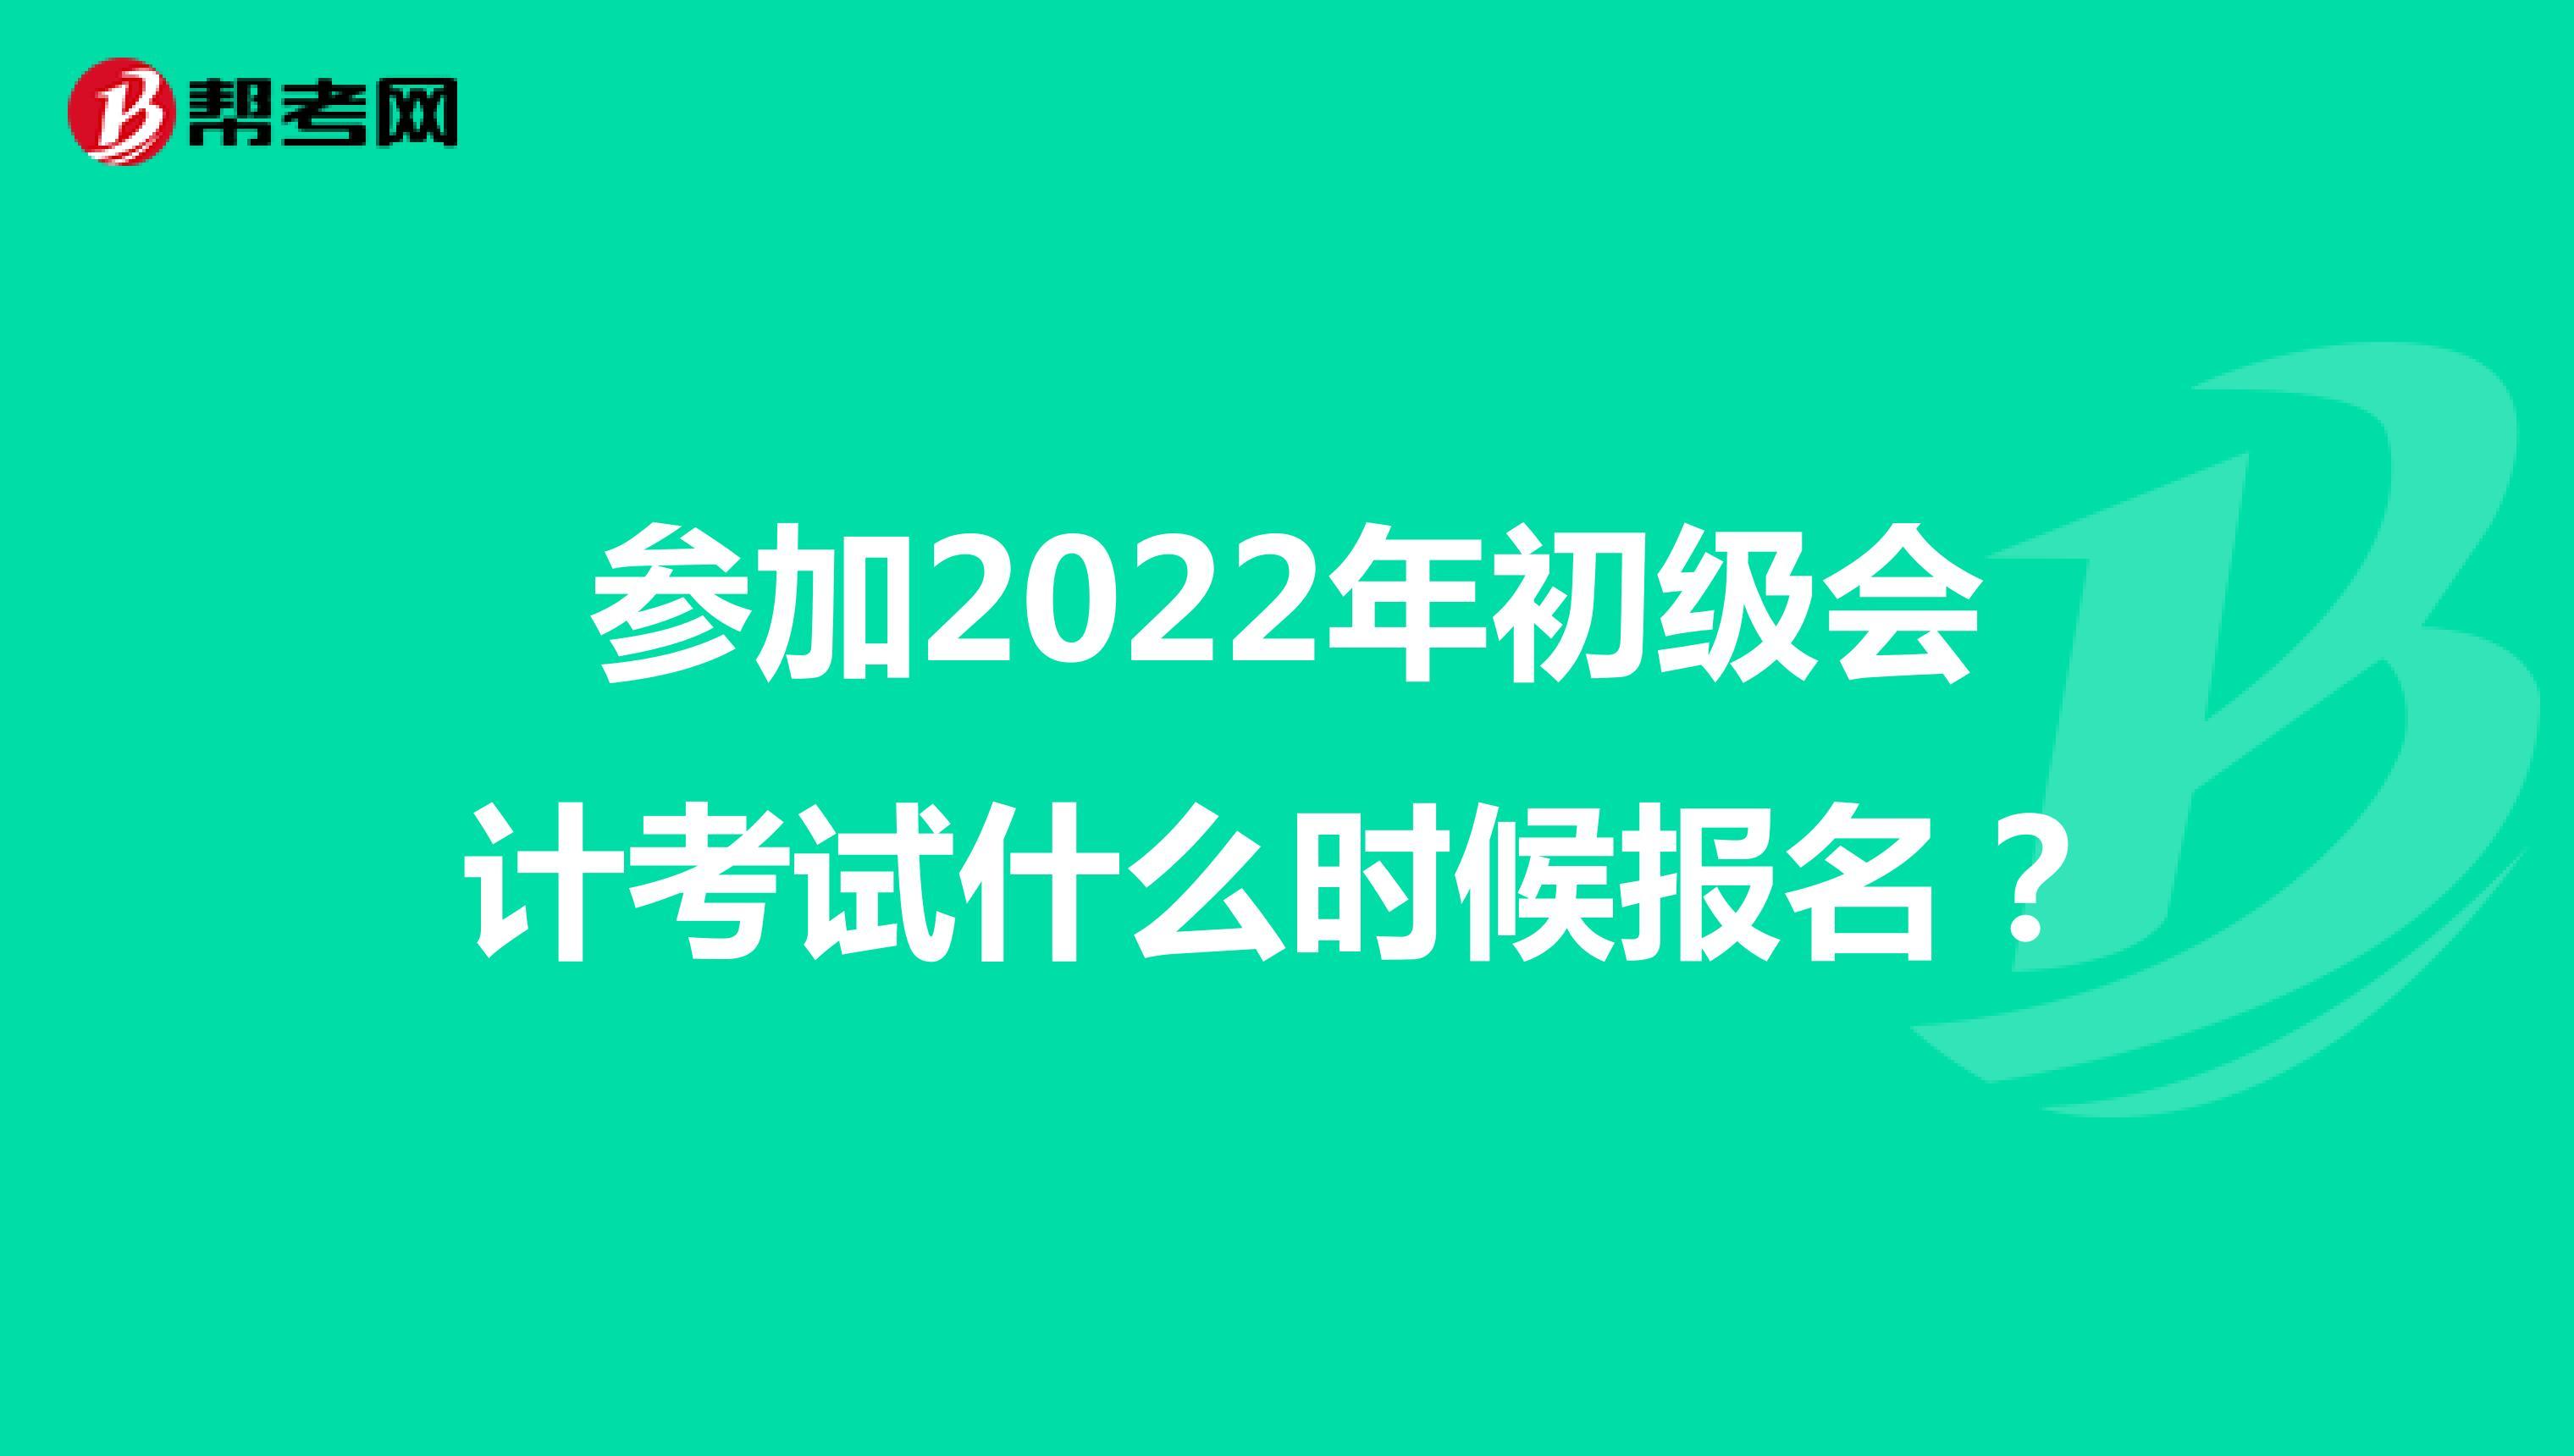 参加2022年初级会计考试什么时候报名?